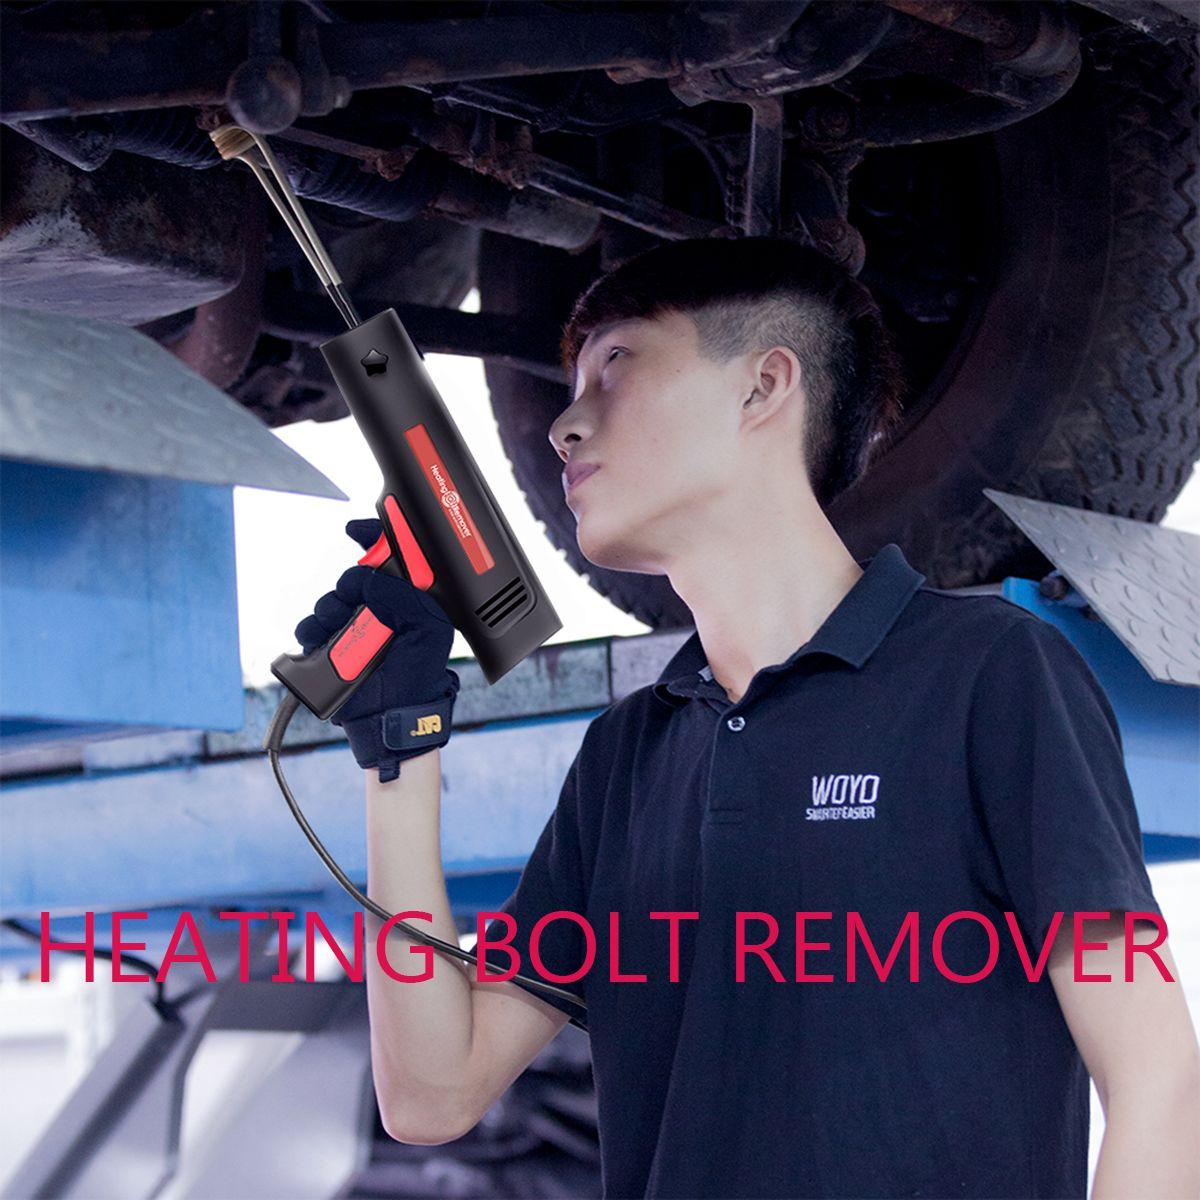 Magnetische Induktion Heizung Kit Für Automotive Flammenlose Wärme 12V-110-220V Reparatur Auto Heizung Bolzen Entferner